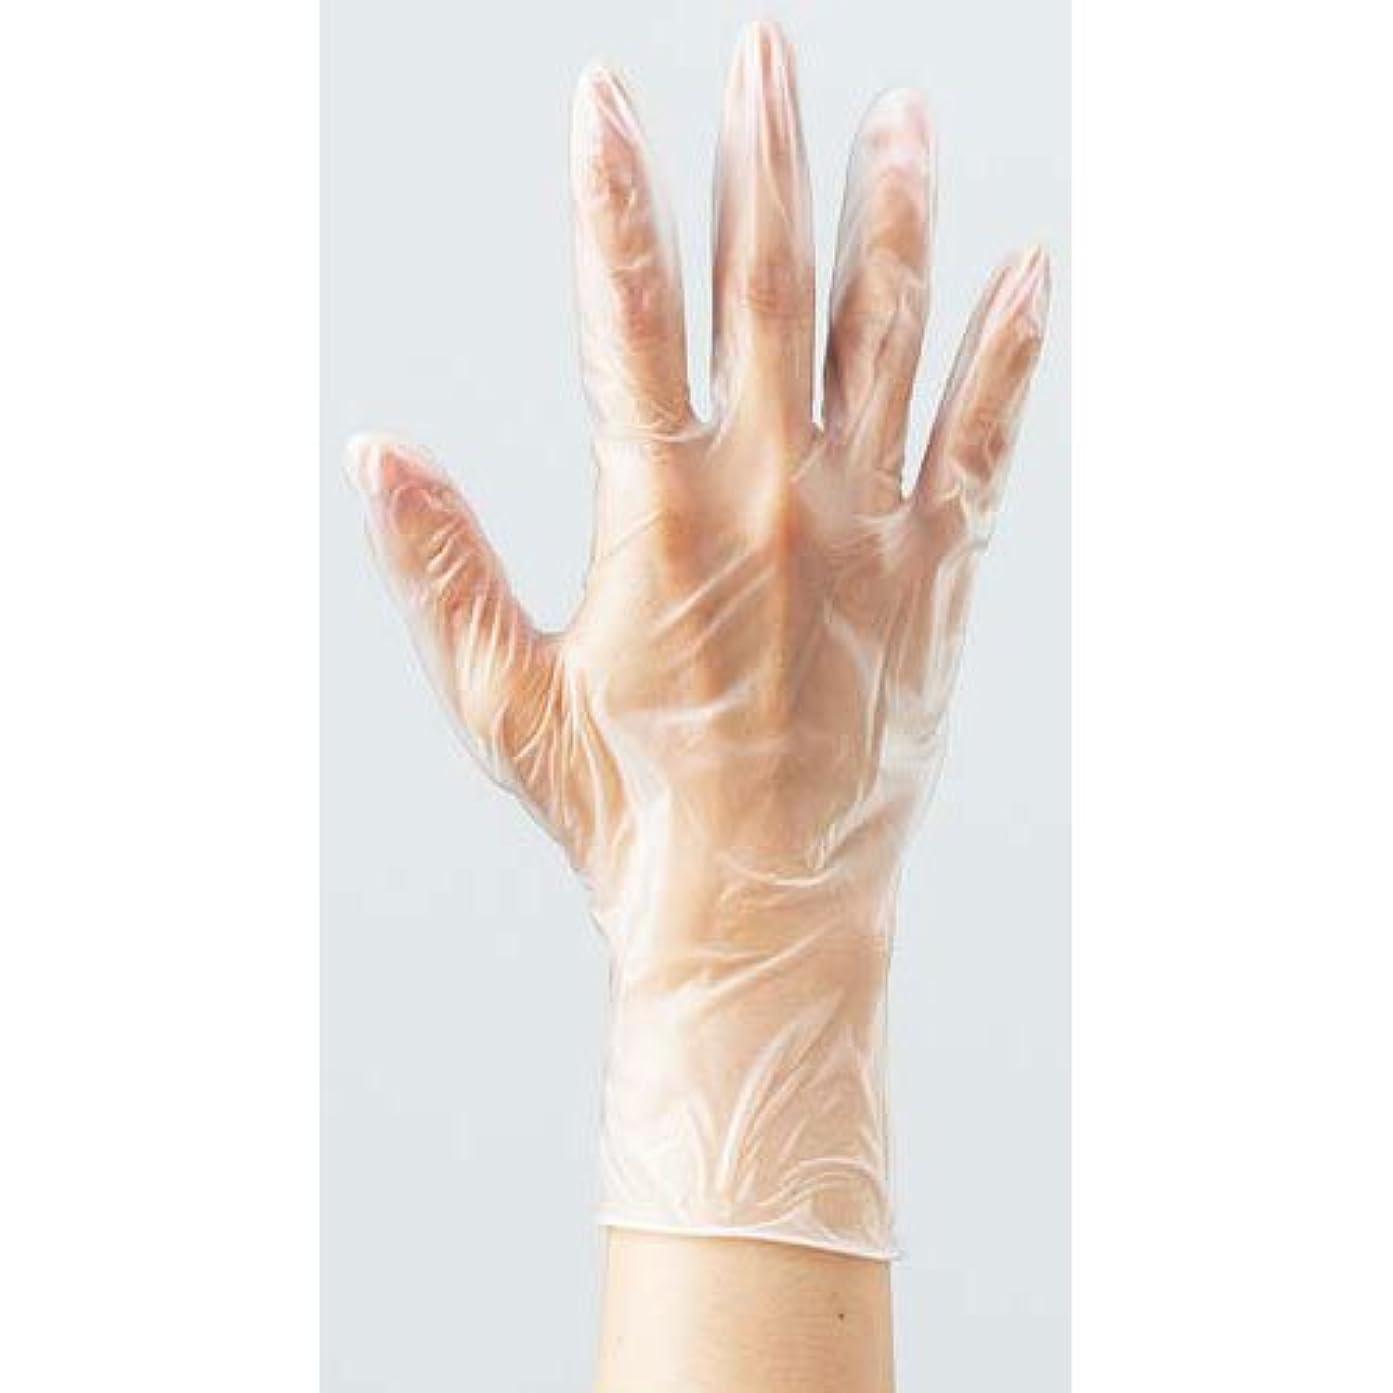 悪質な優雅な懐疑論カウネット プラスチック手袋 袋入 粉無L 100枚×60